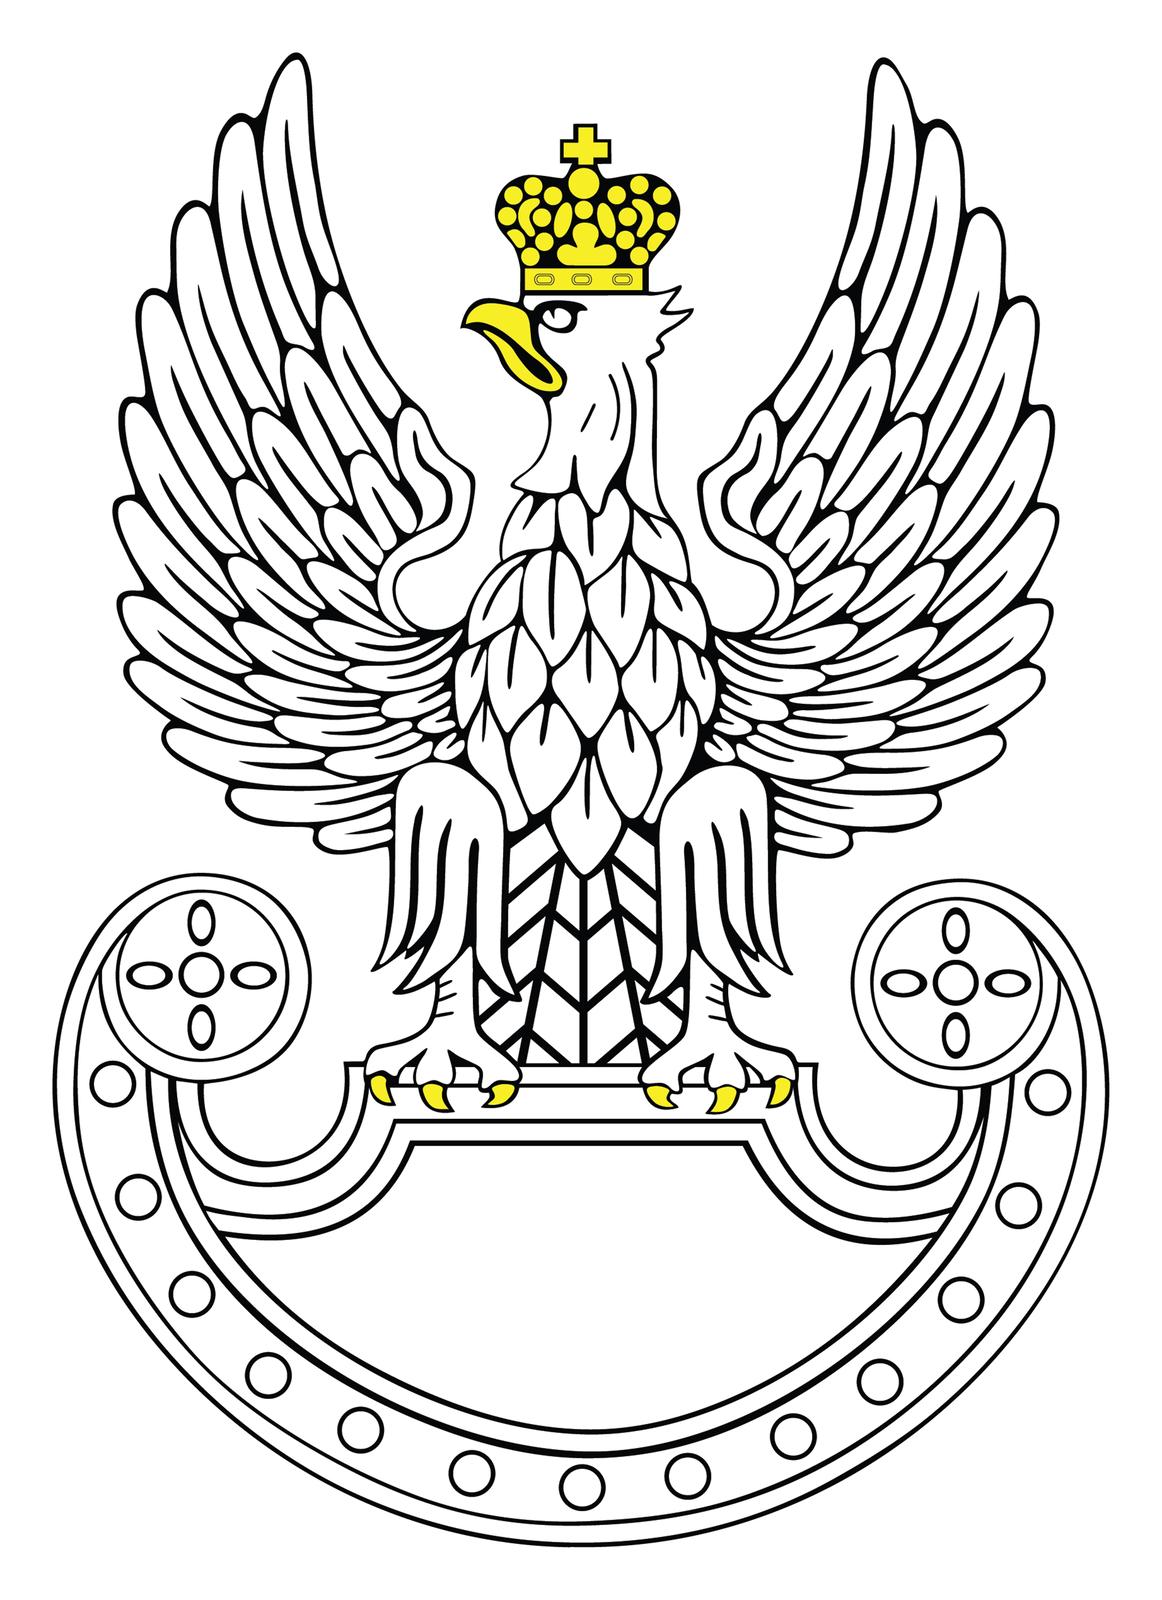 Ilustracja przedstawia symbol wojsk lądowych stylizowany na godło orła polskiego. Biały orzeł ze skrzydłami wzniesionymi ku górze. Głowa zżółtym dziobem skierowana wprawo. Na głowie żółta korona. Na szczycie korony krzyż równoramienny. Szpony orła zakończone żółtymi pazurami przytrzymują tarczę. Orzeł osadzony jest na tarczy amazonek. Tarcza zakończone półkoliście wdolnej części. Kształt tarczy tworzy formę półksiężyca ułożonego poziomo. Końce tarczy zaokrąglone. Wnętrze tarczy białe.